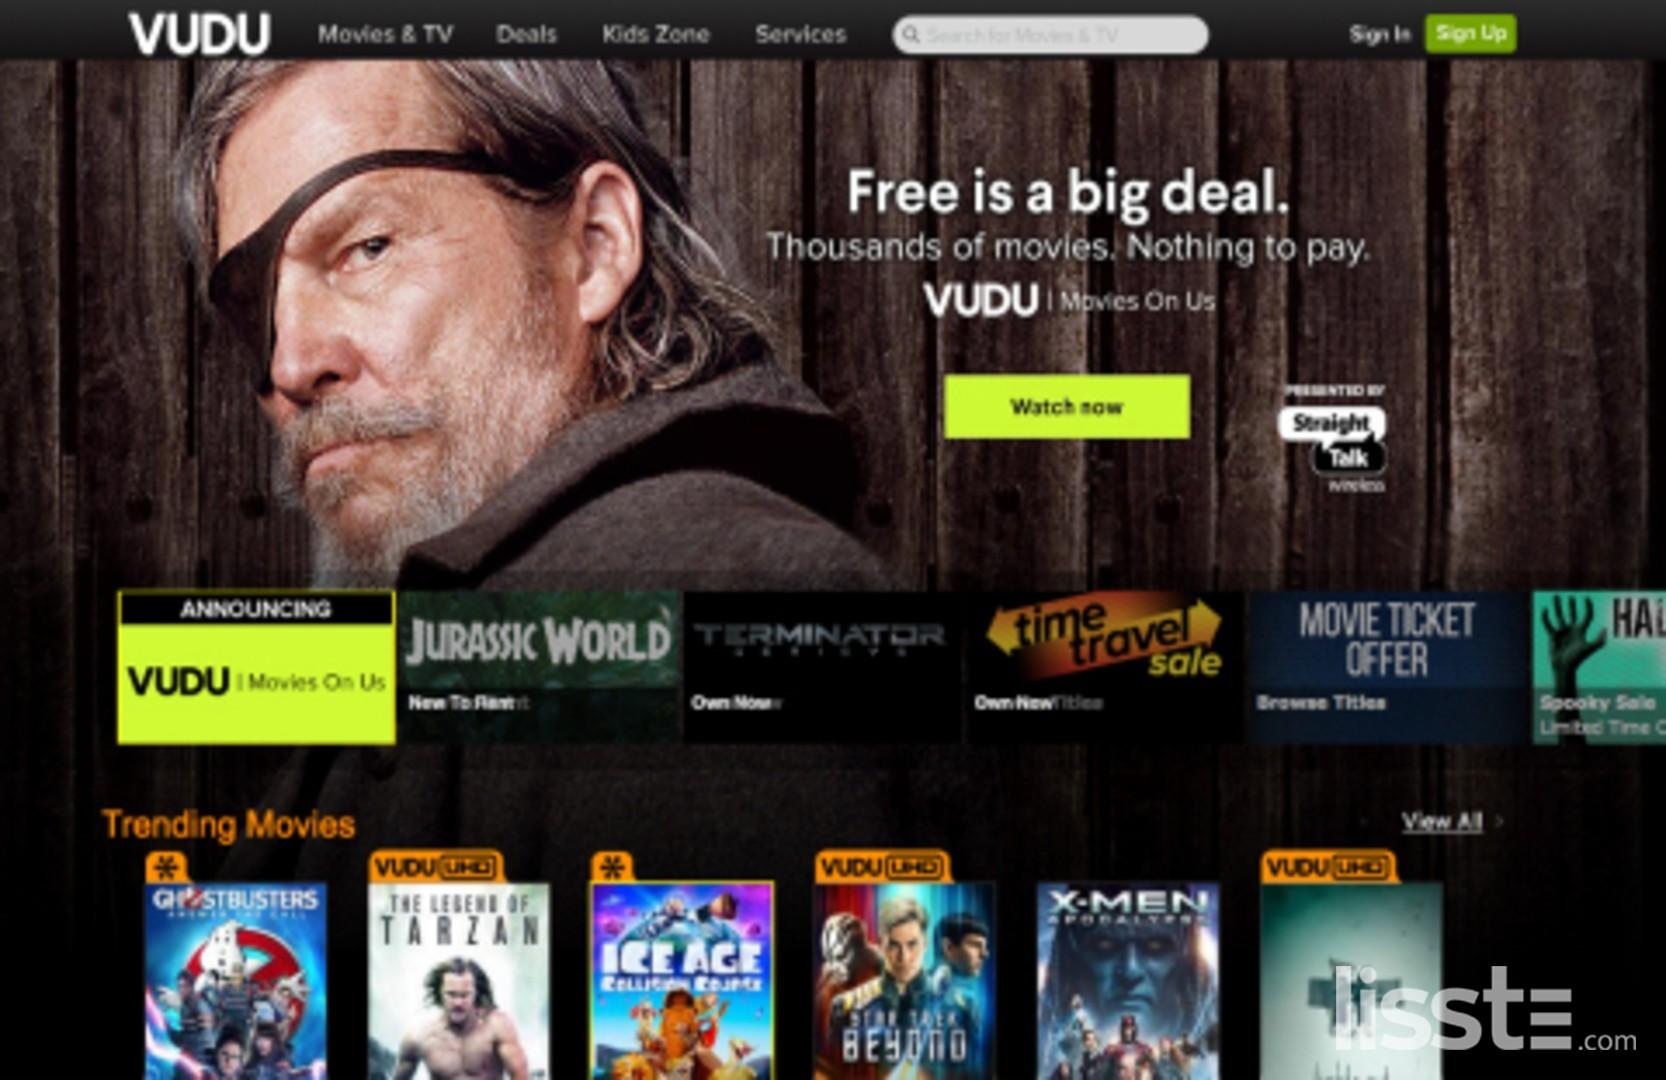 VUDU-Movies-On-Us-Website-1587905414.jpg